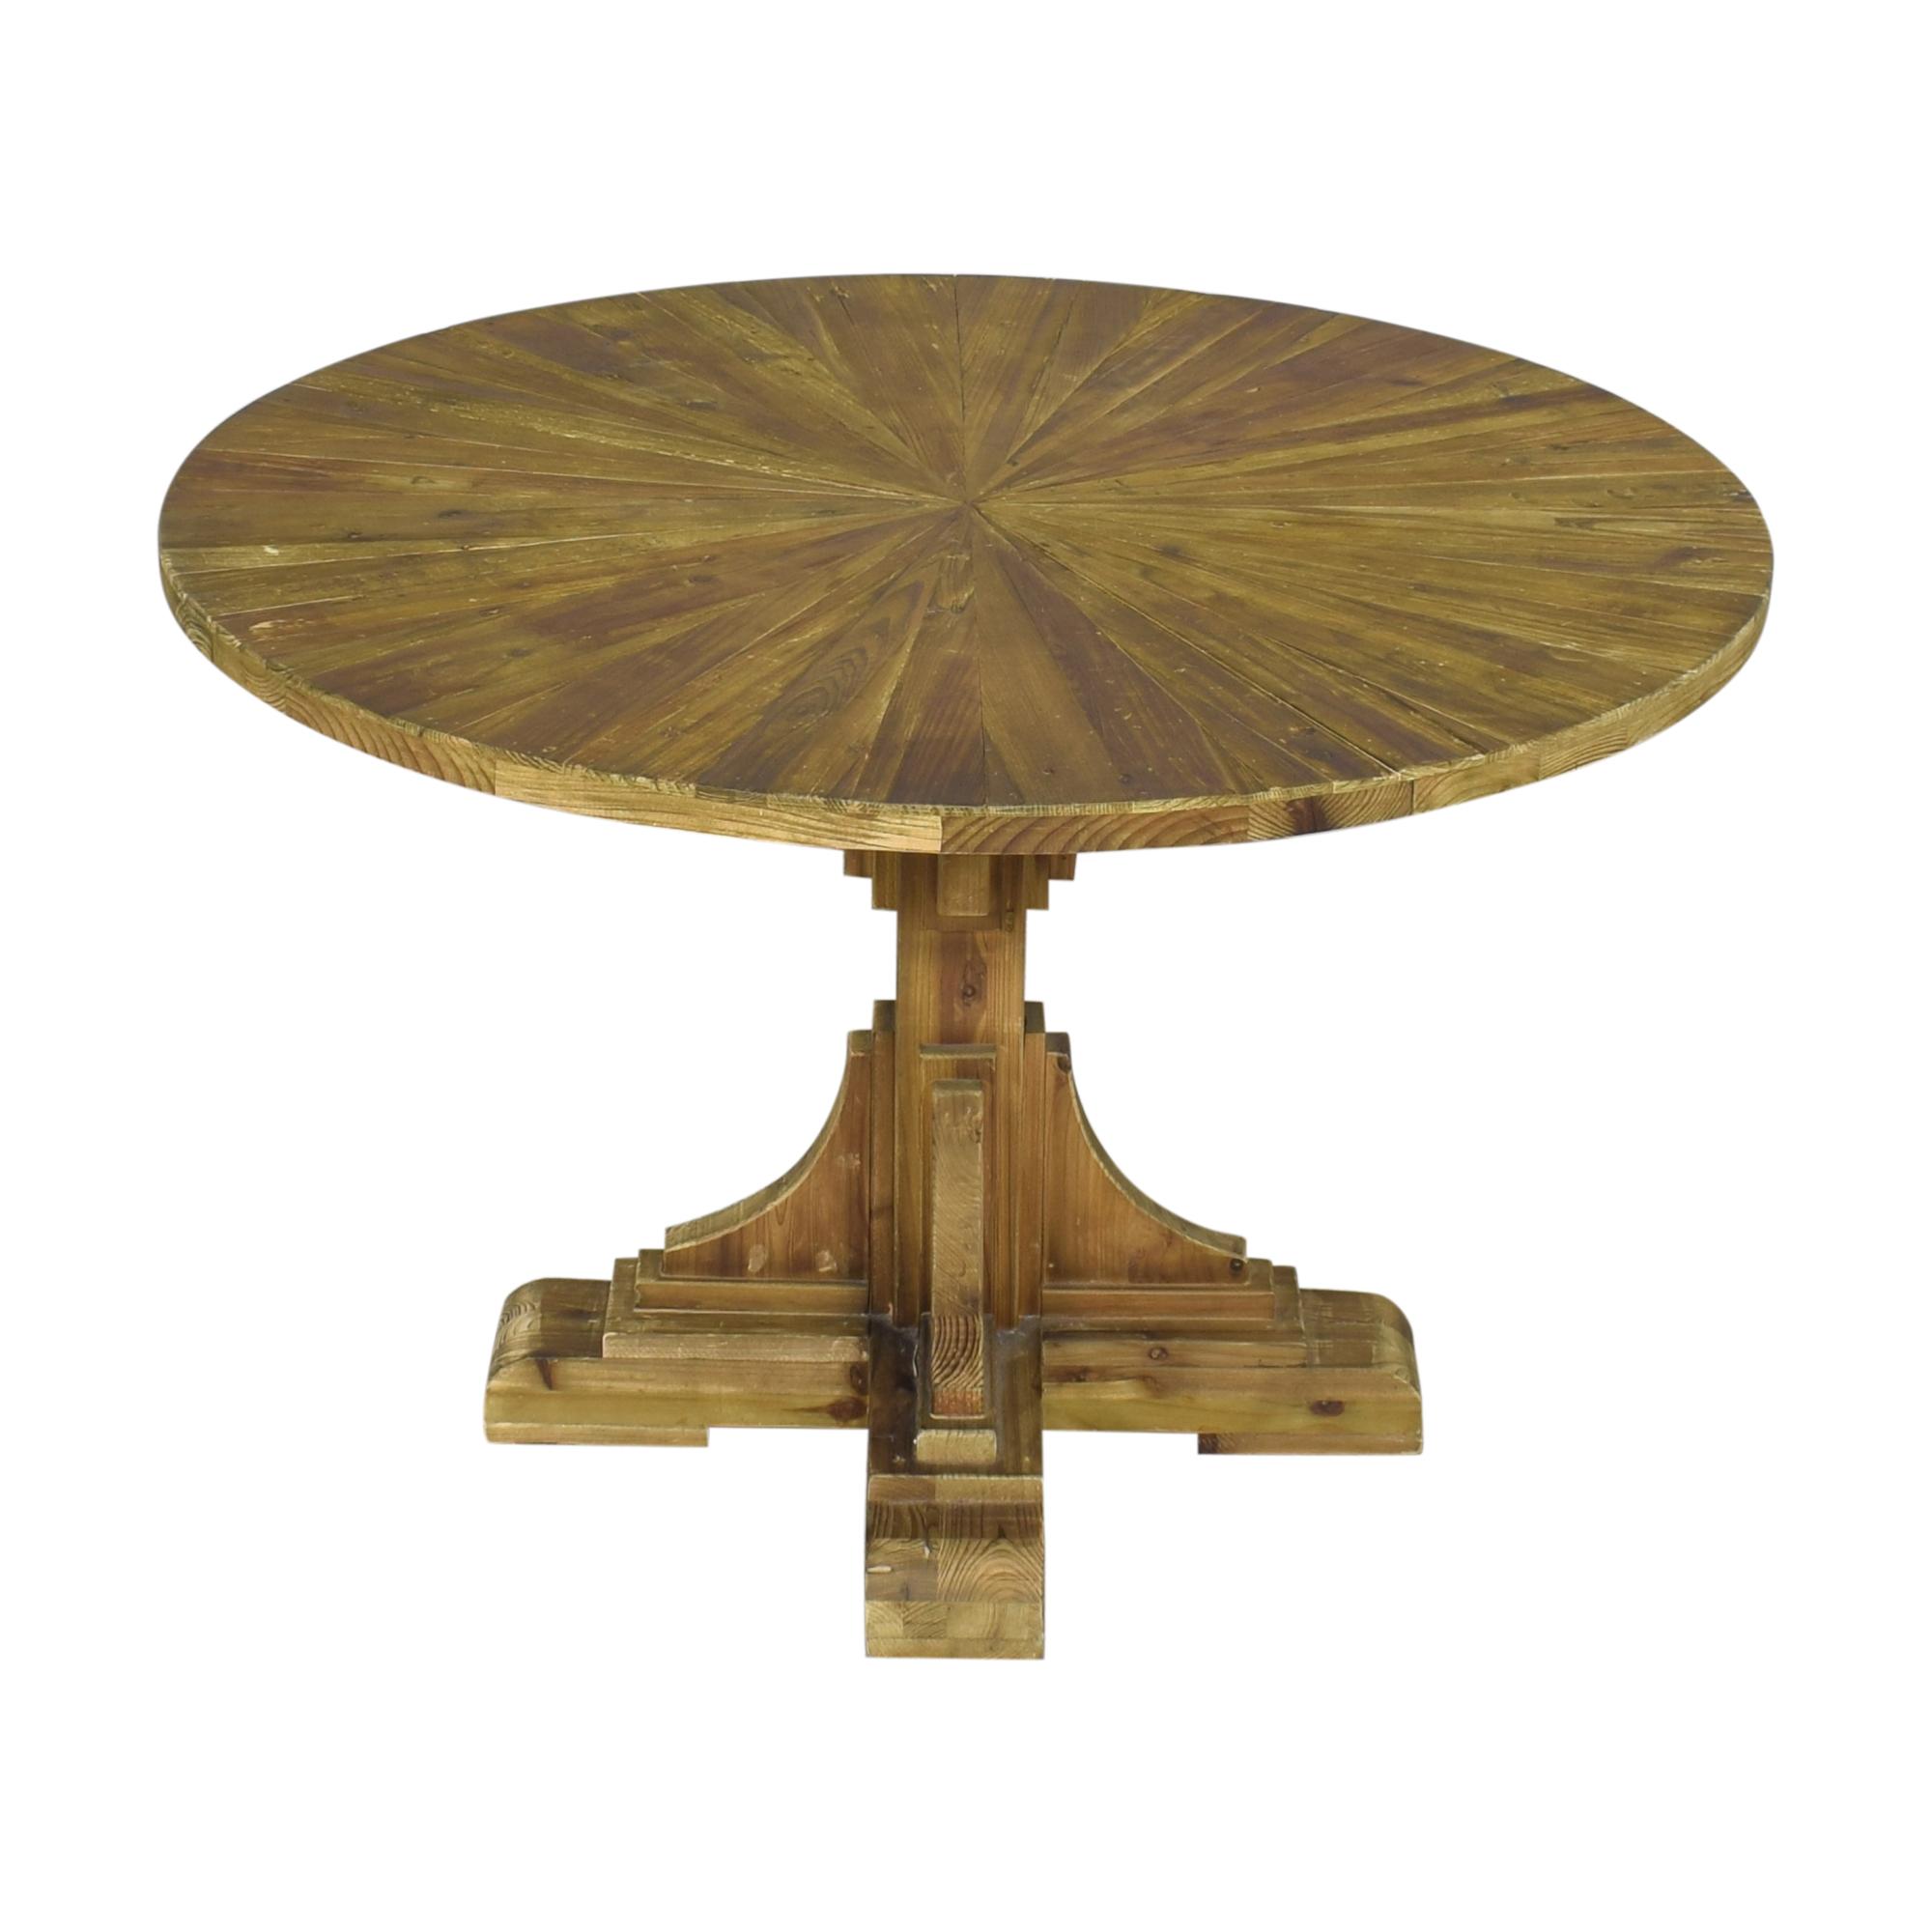 Wayfair Wayfair One Allium Way Davi Pedestal Dining Table discount